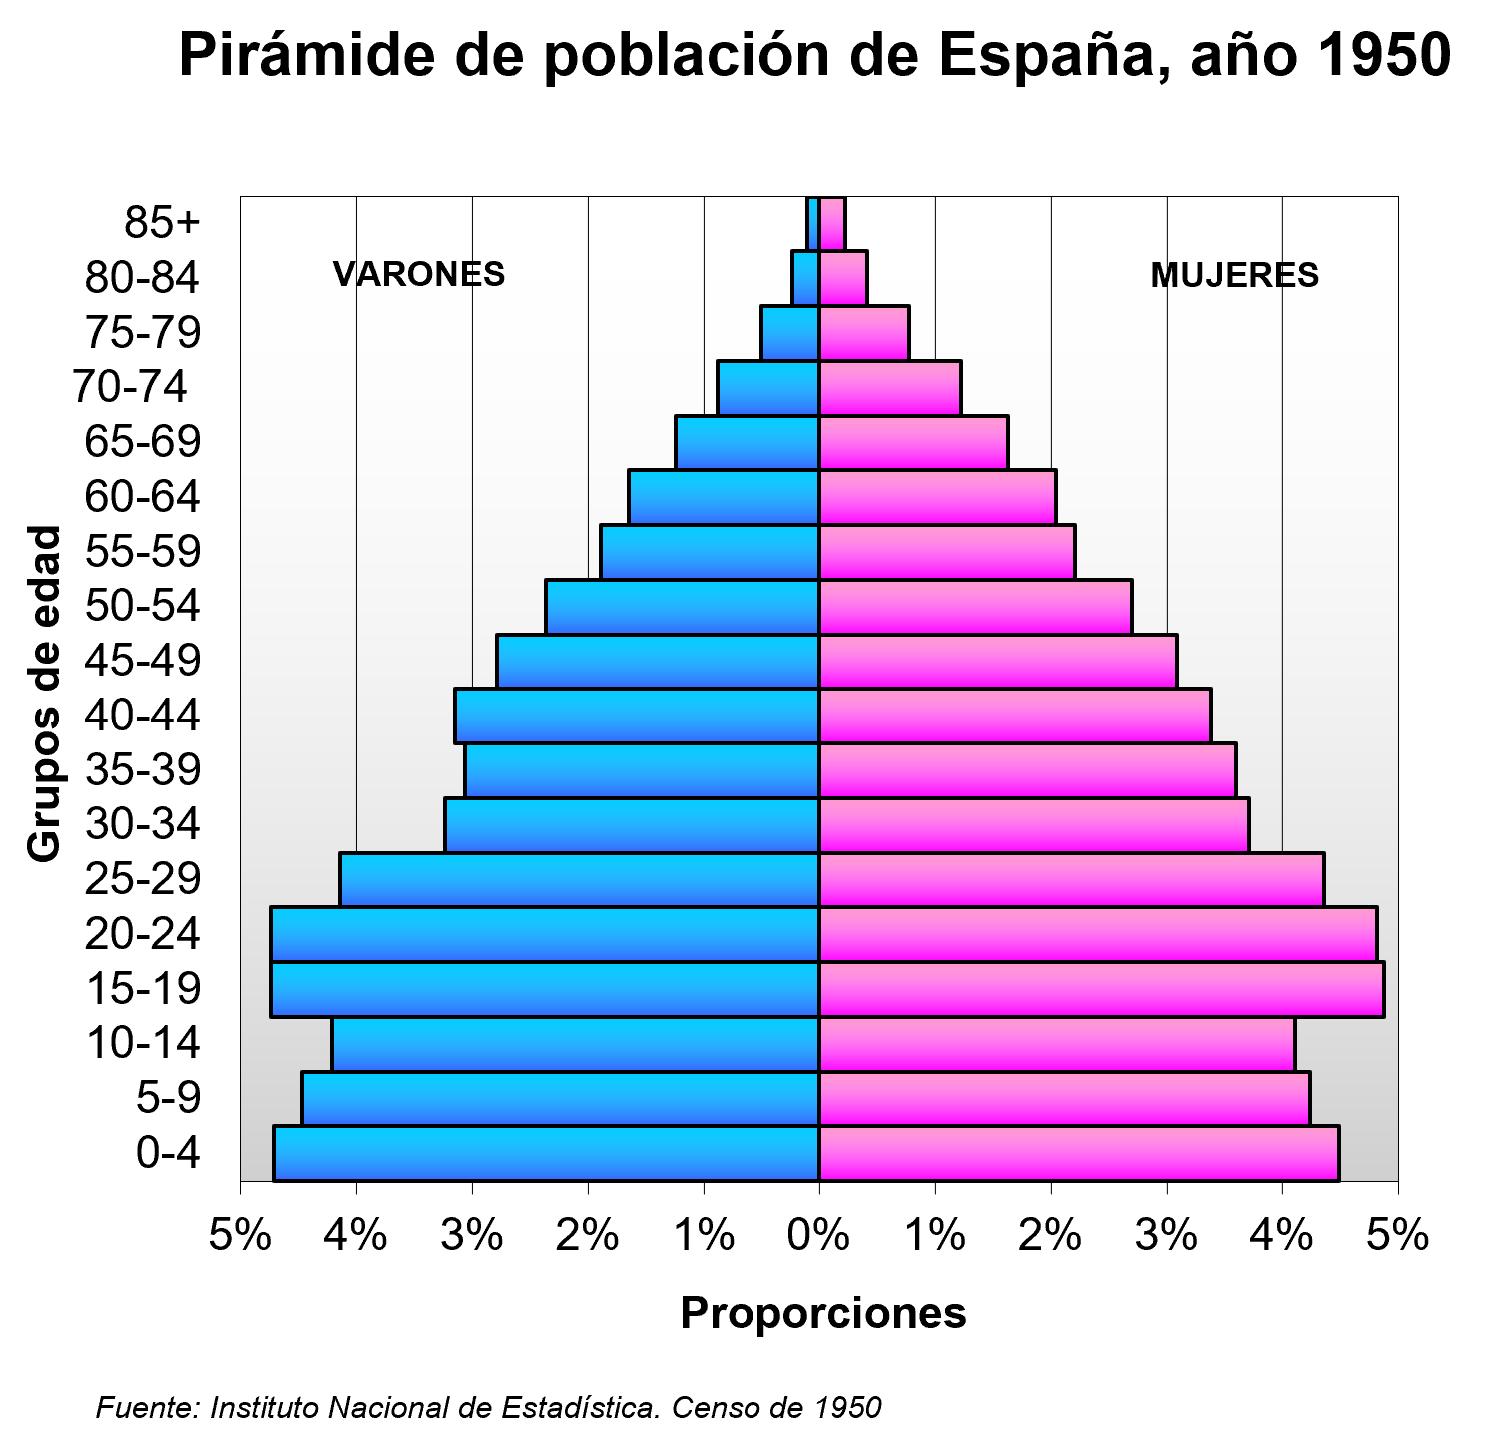 Pirámide de población de España en 1950